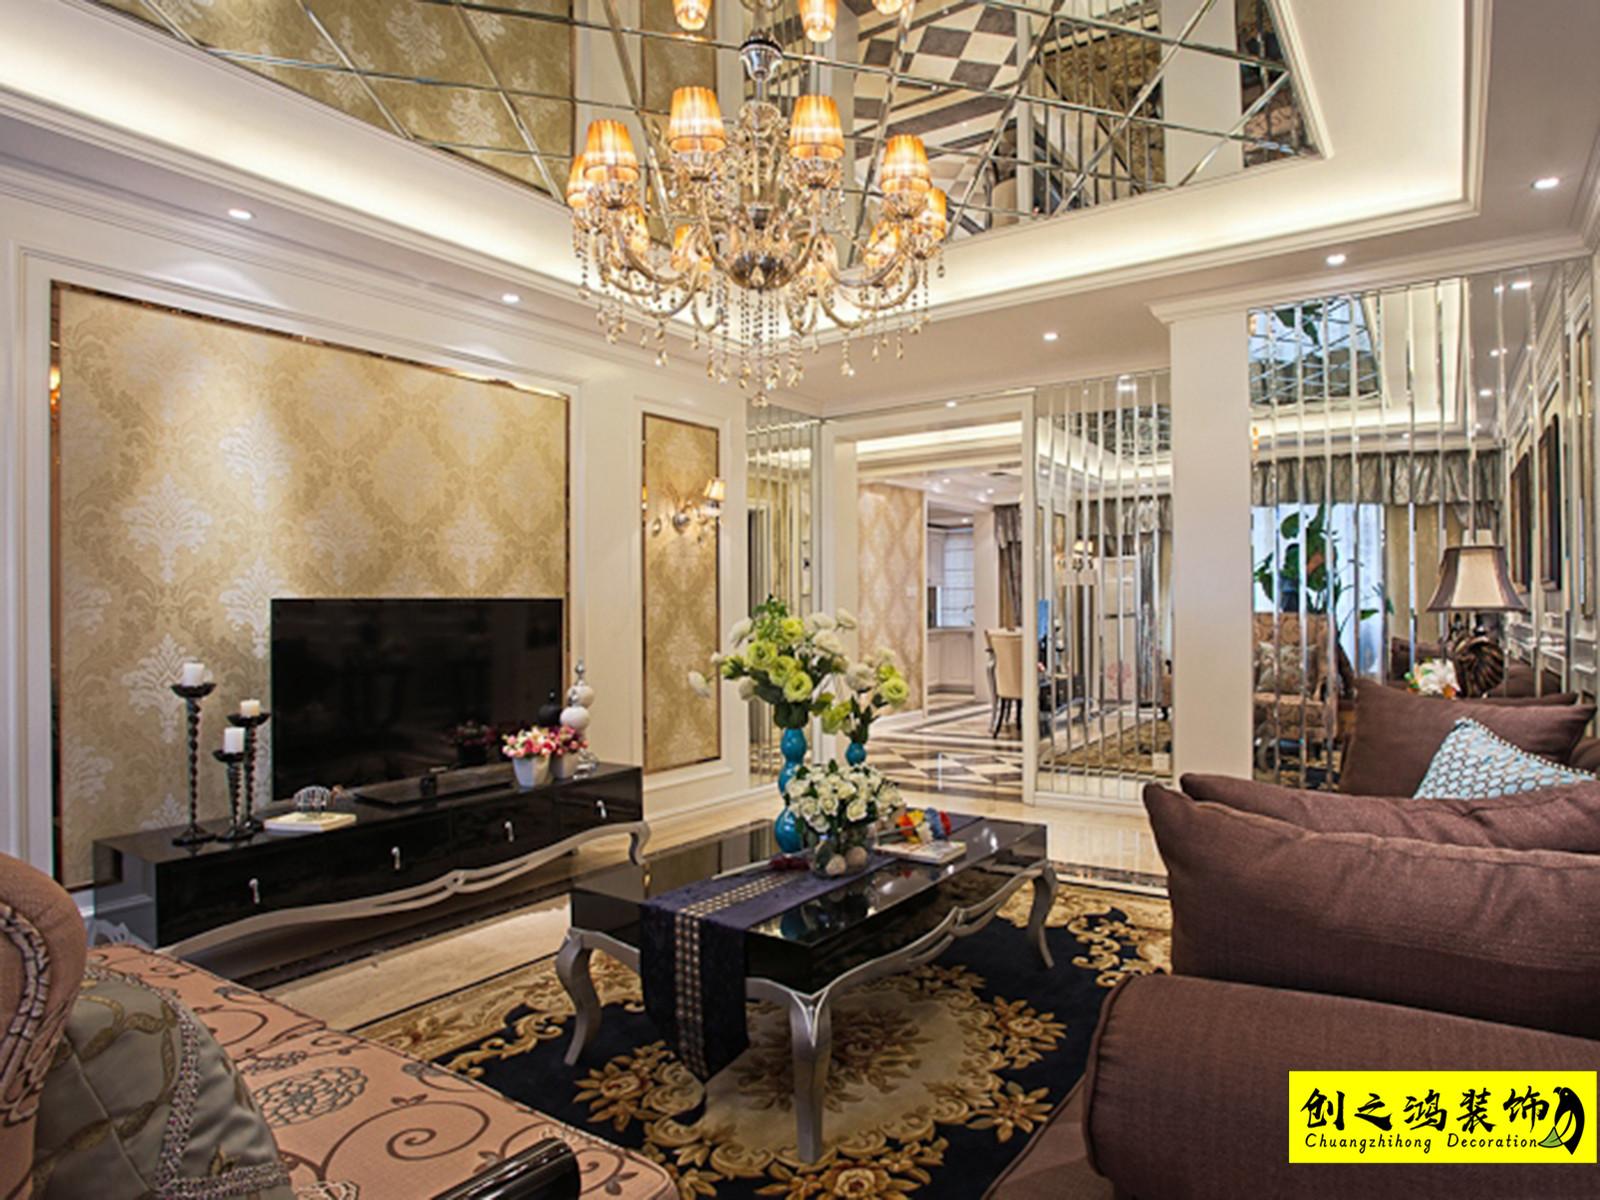 128㎡半湾半岛三室两厅美式风格装修效果图